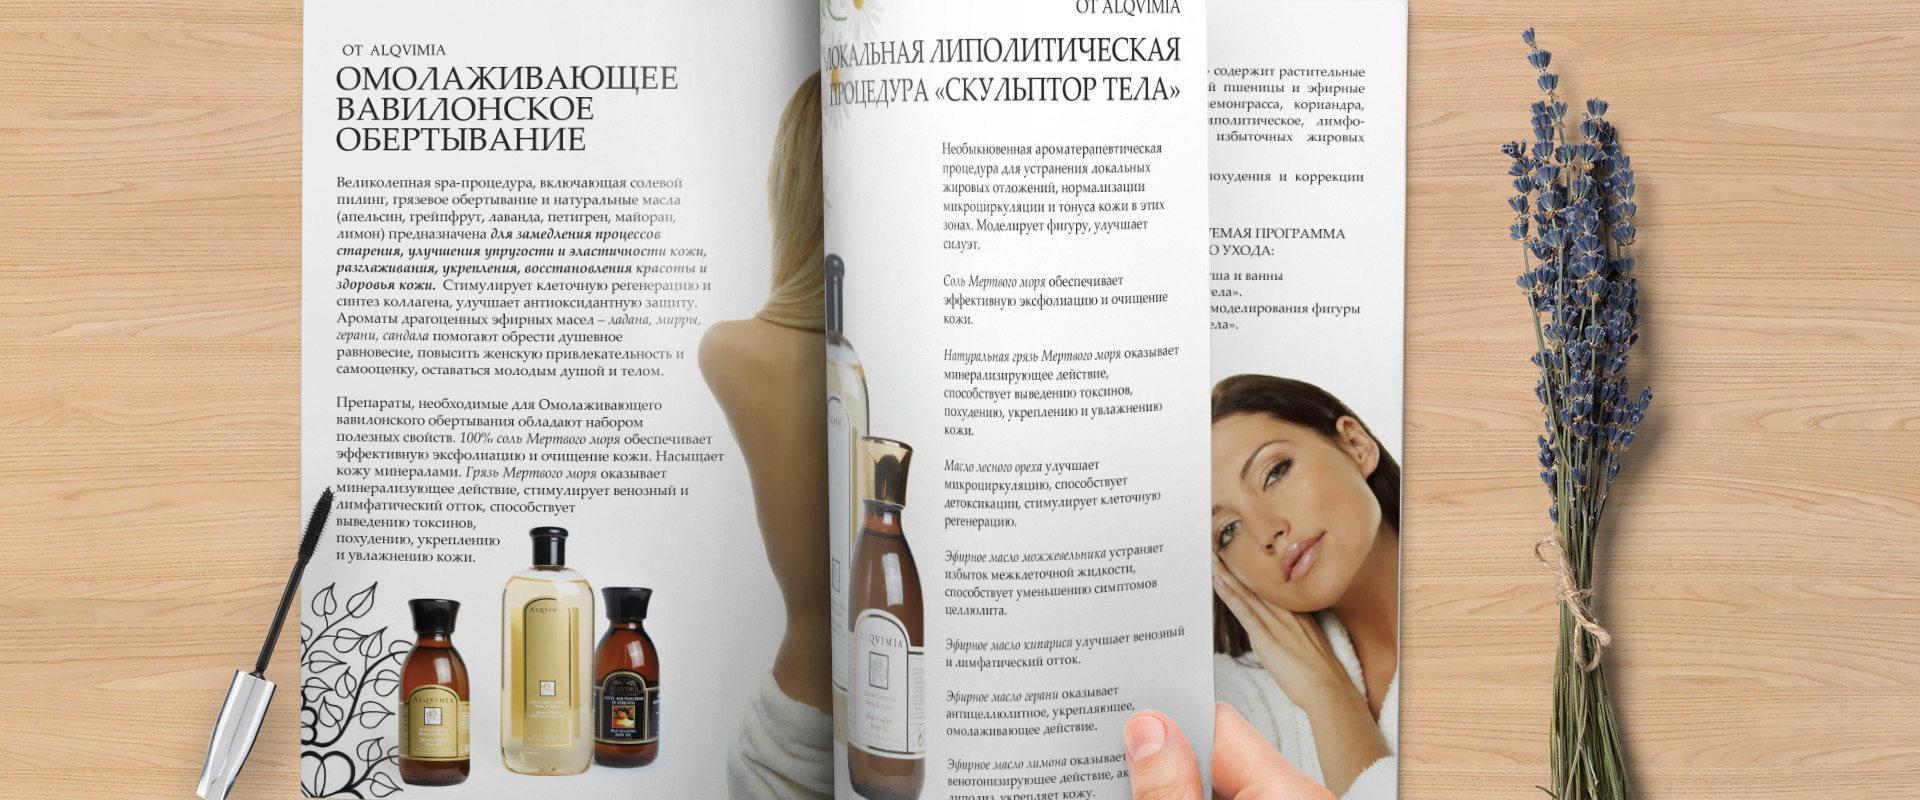 Дизайн журнала для медицинского центра